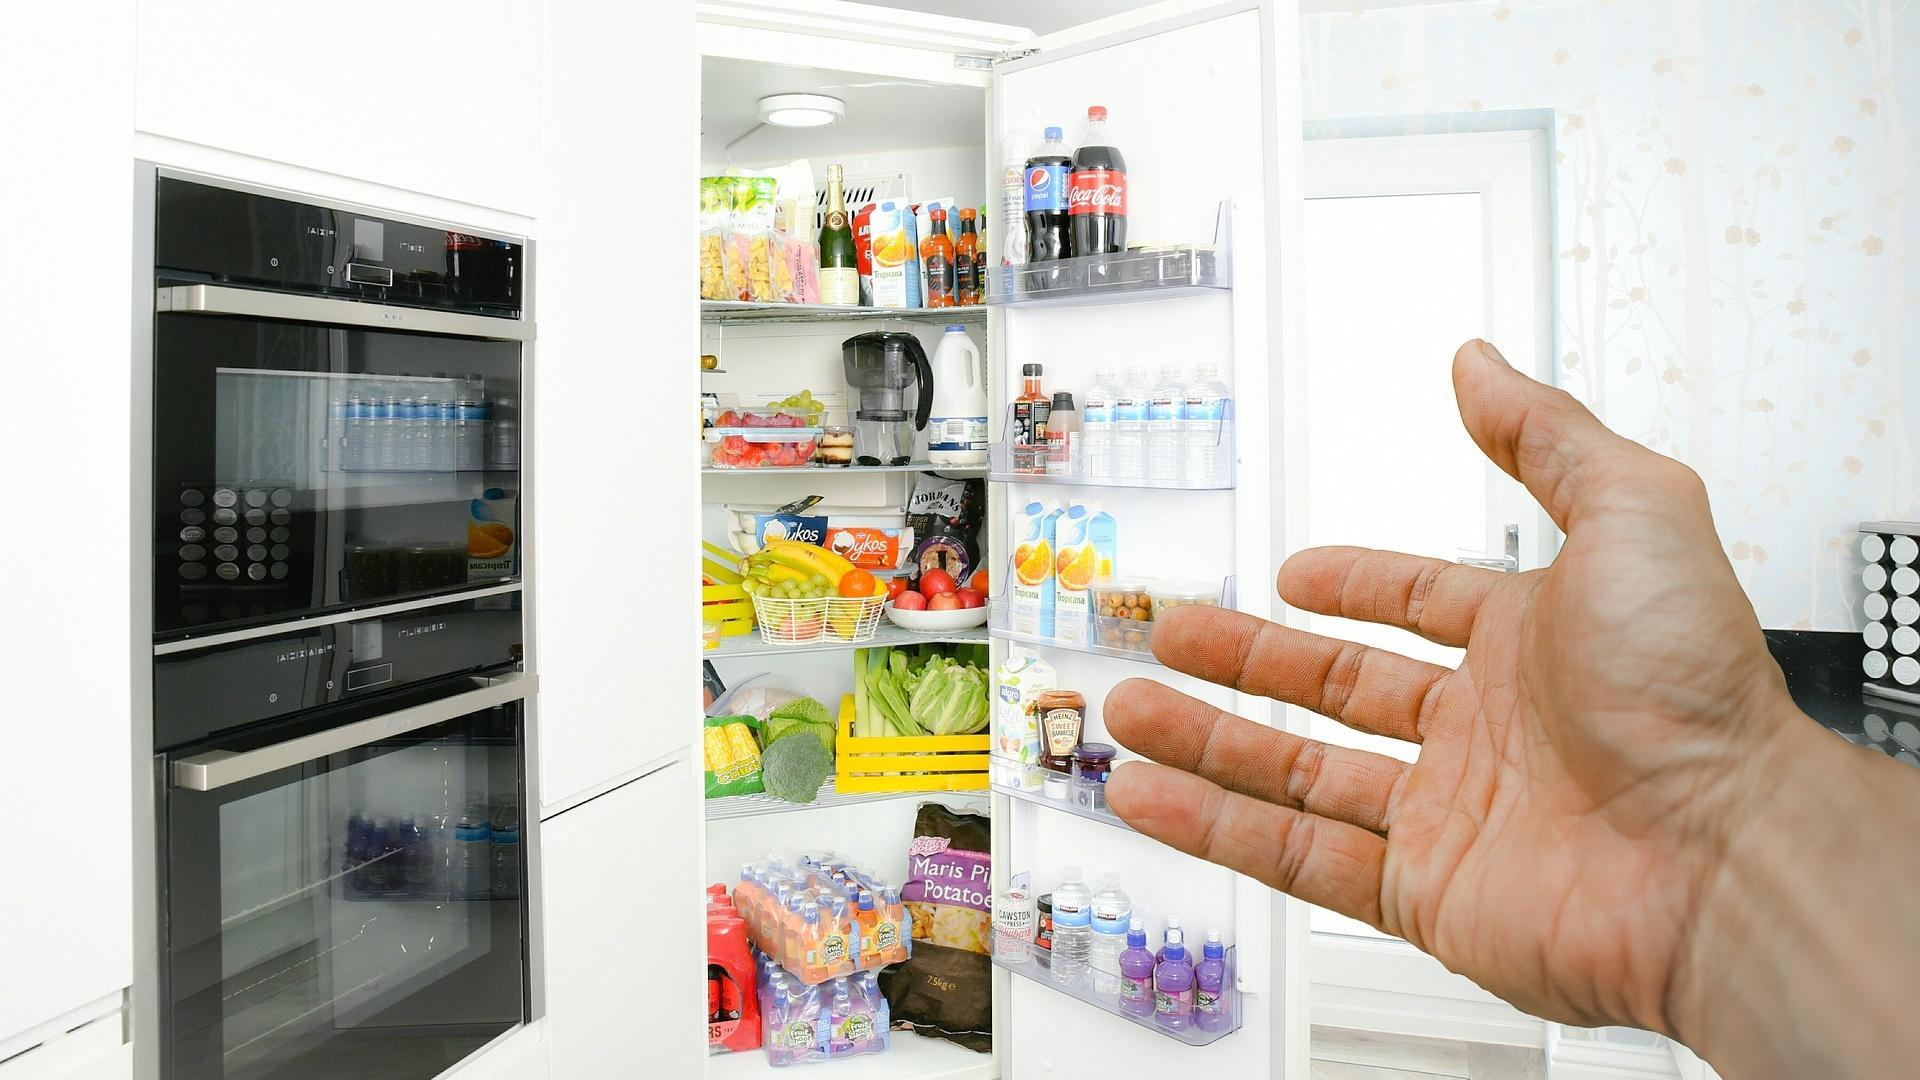 Gehen Sie nach der Temperatur im Kühlschrank, um sinnvolle Ordnung zu halten